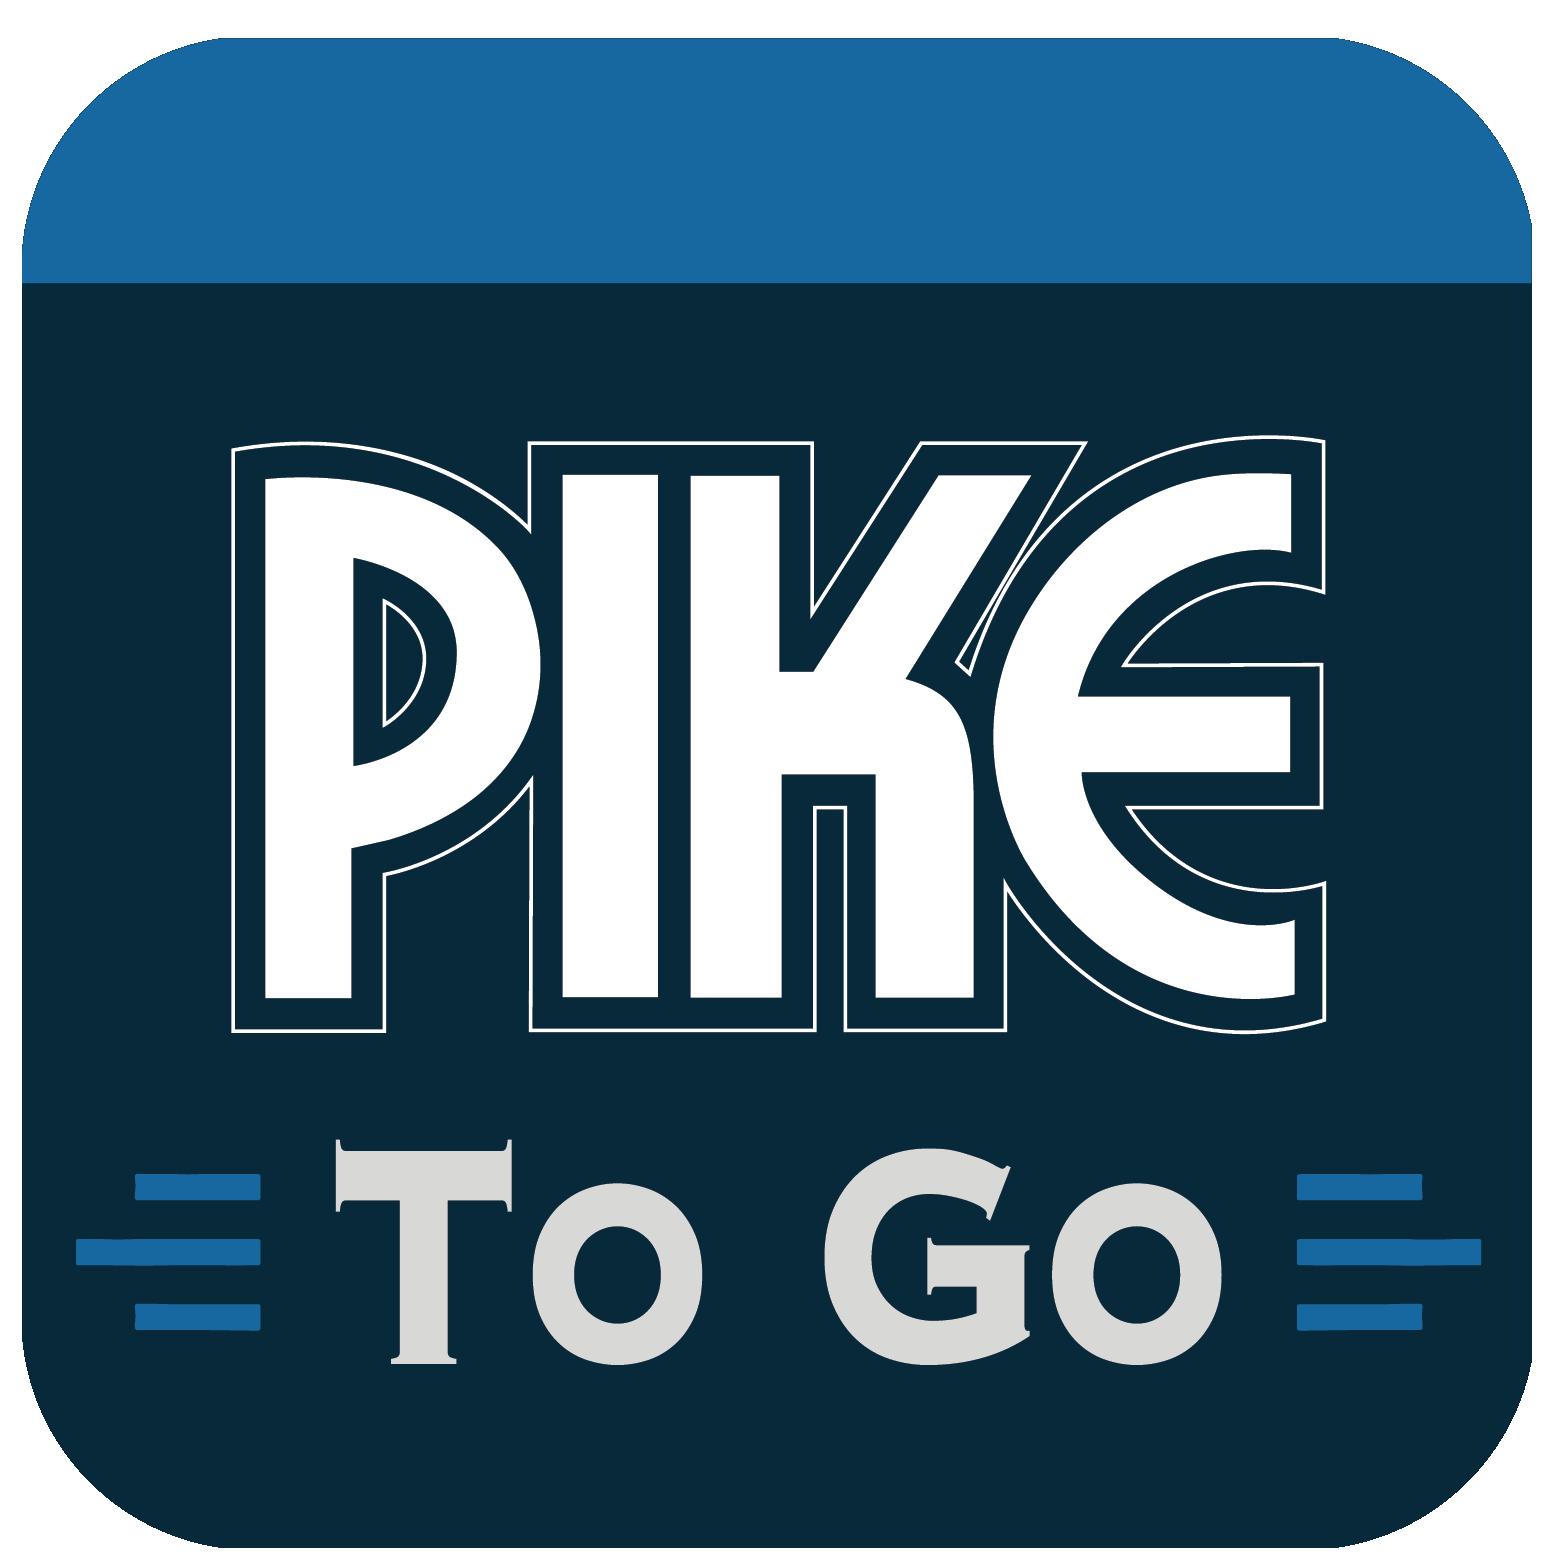 pike to go logo